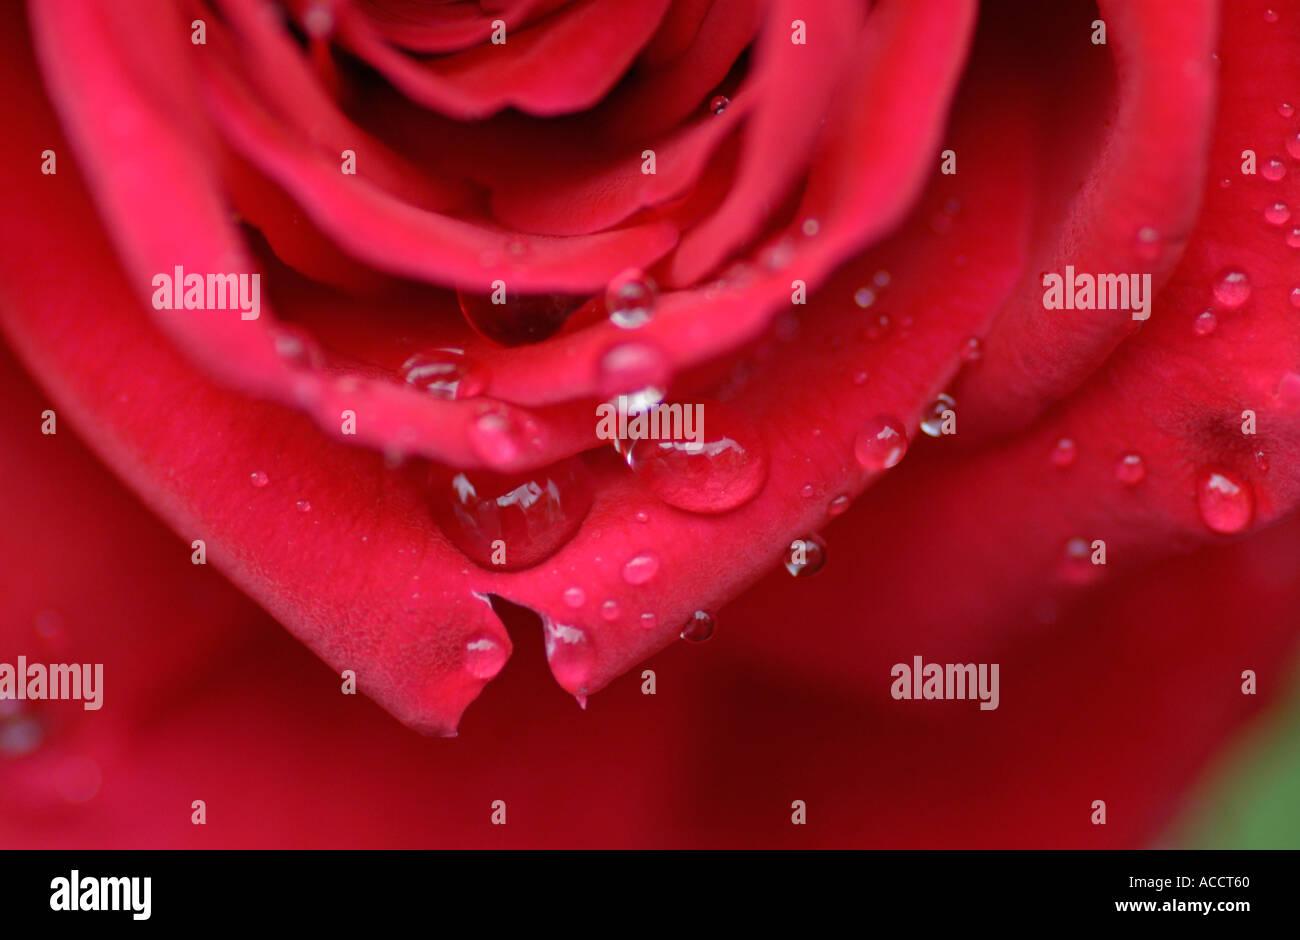 rote rose mit Wassertropfen Stockbild